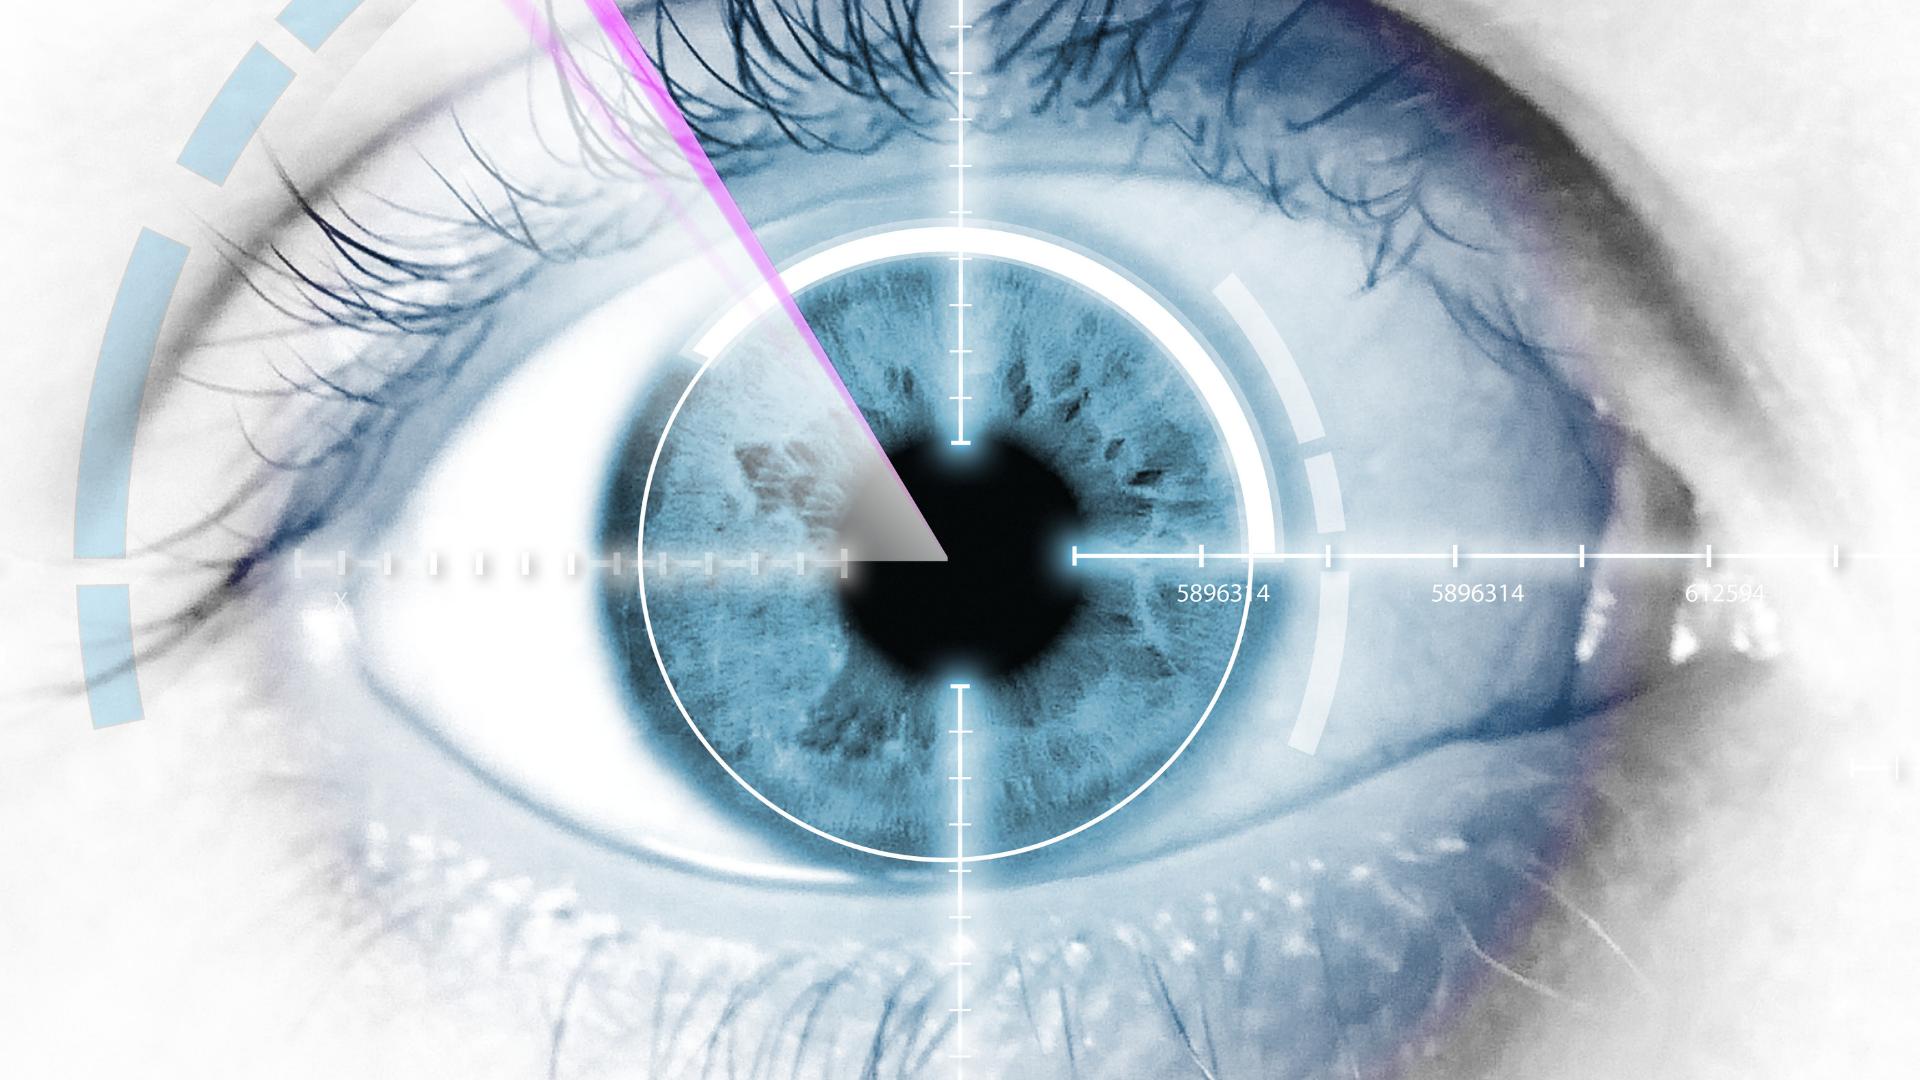 Chirurgia refractiva